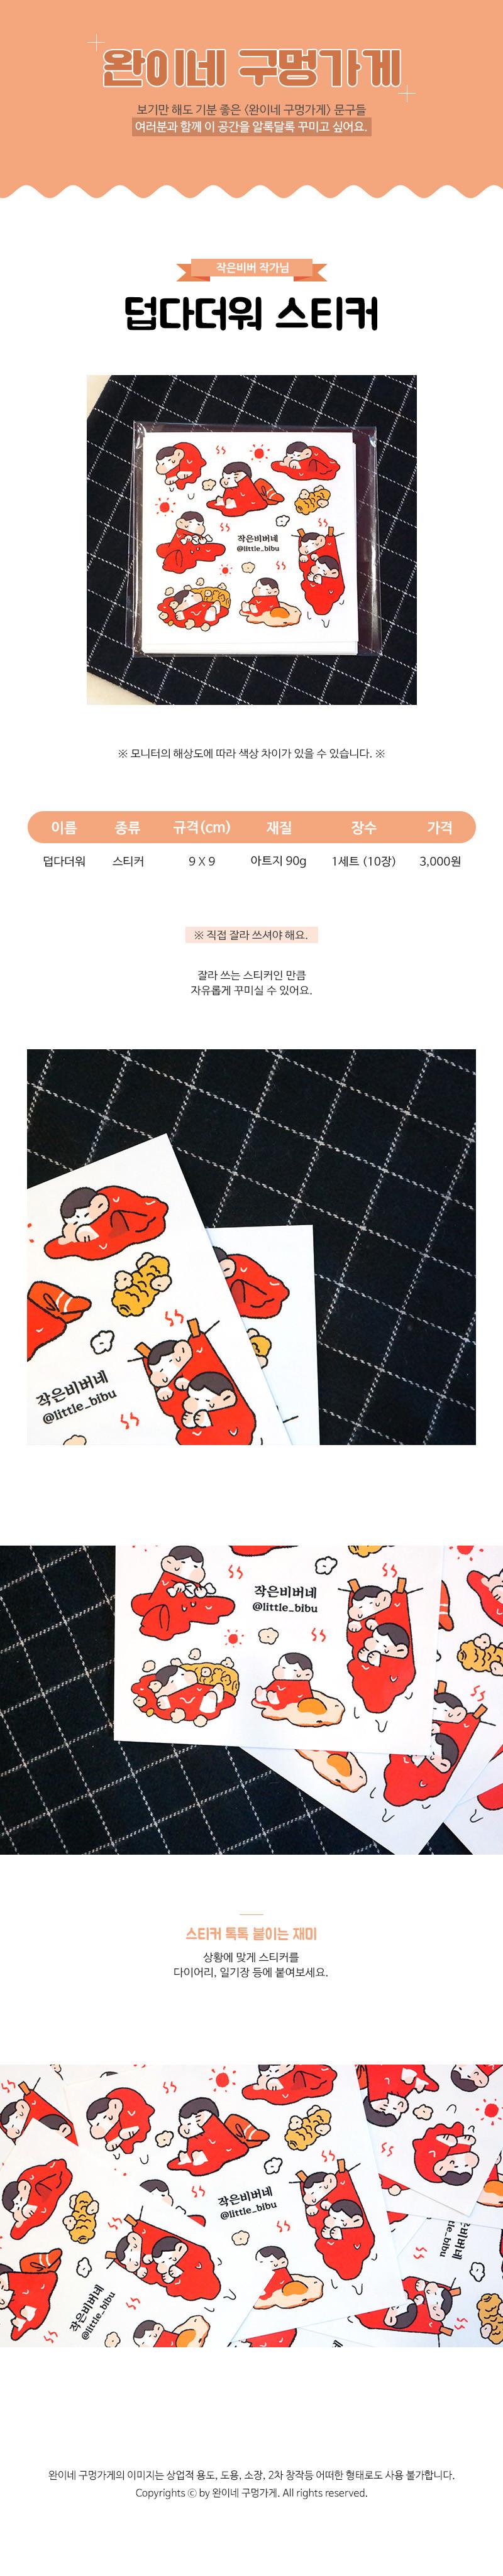 sticker591